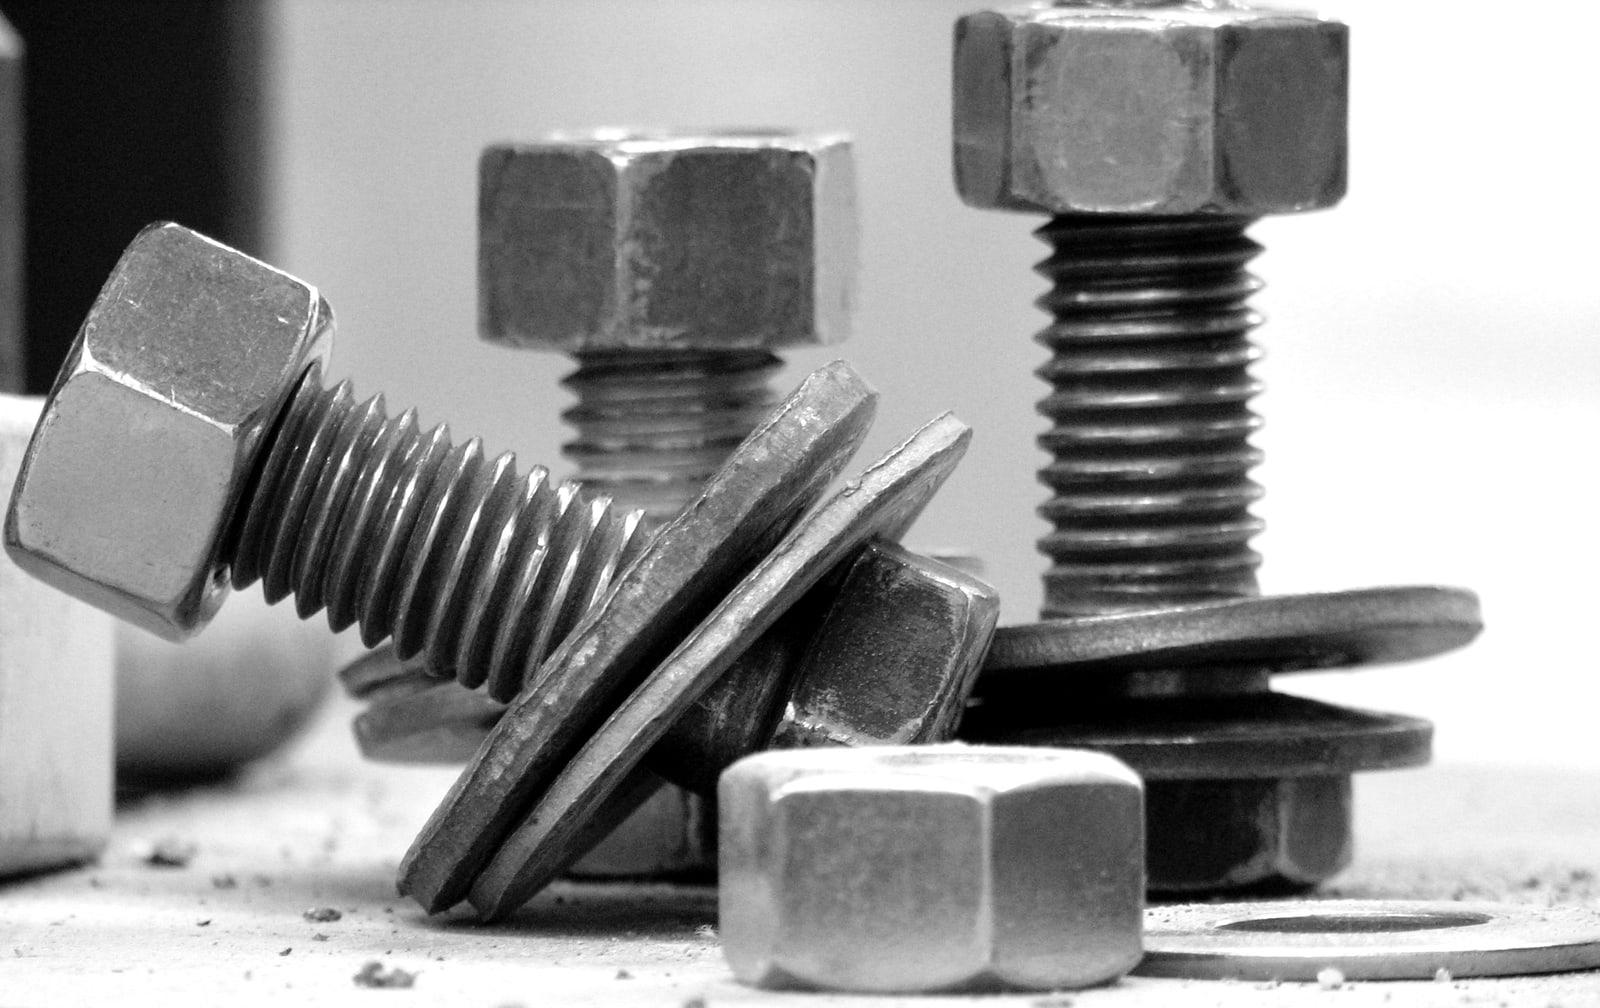 Повышение качества болтовых соединений и борьба с усталостью металла